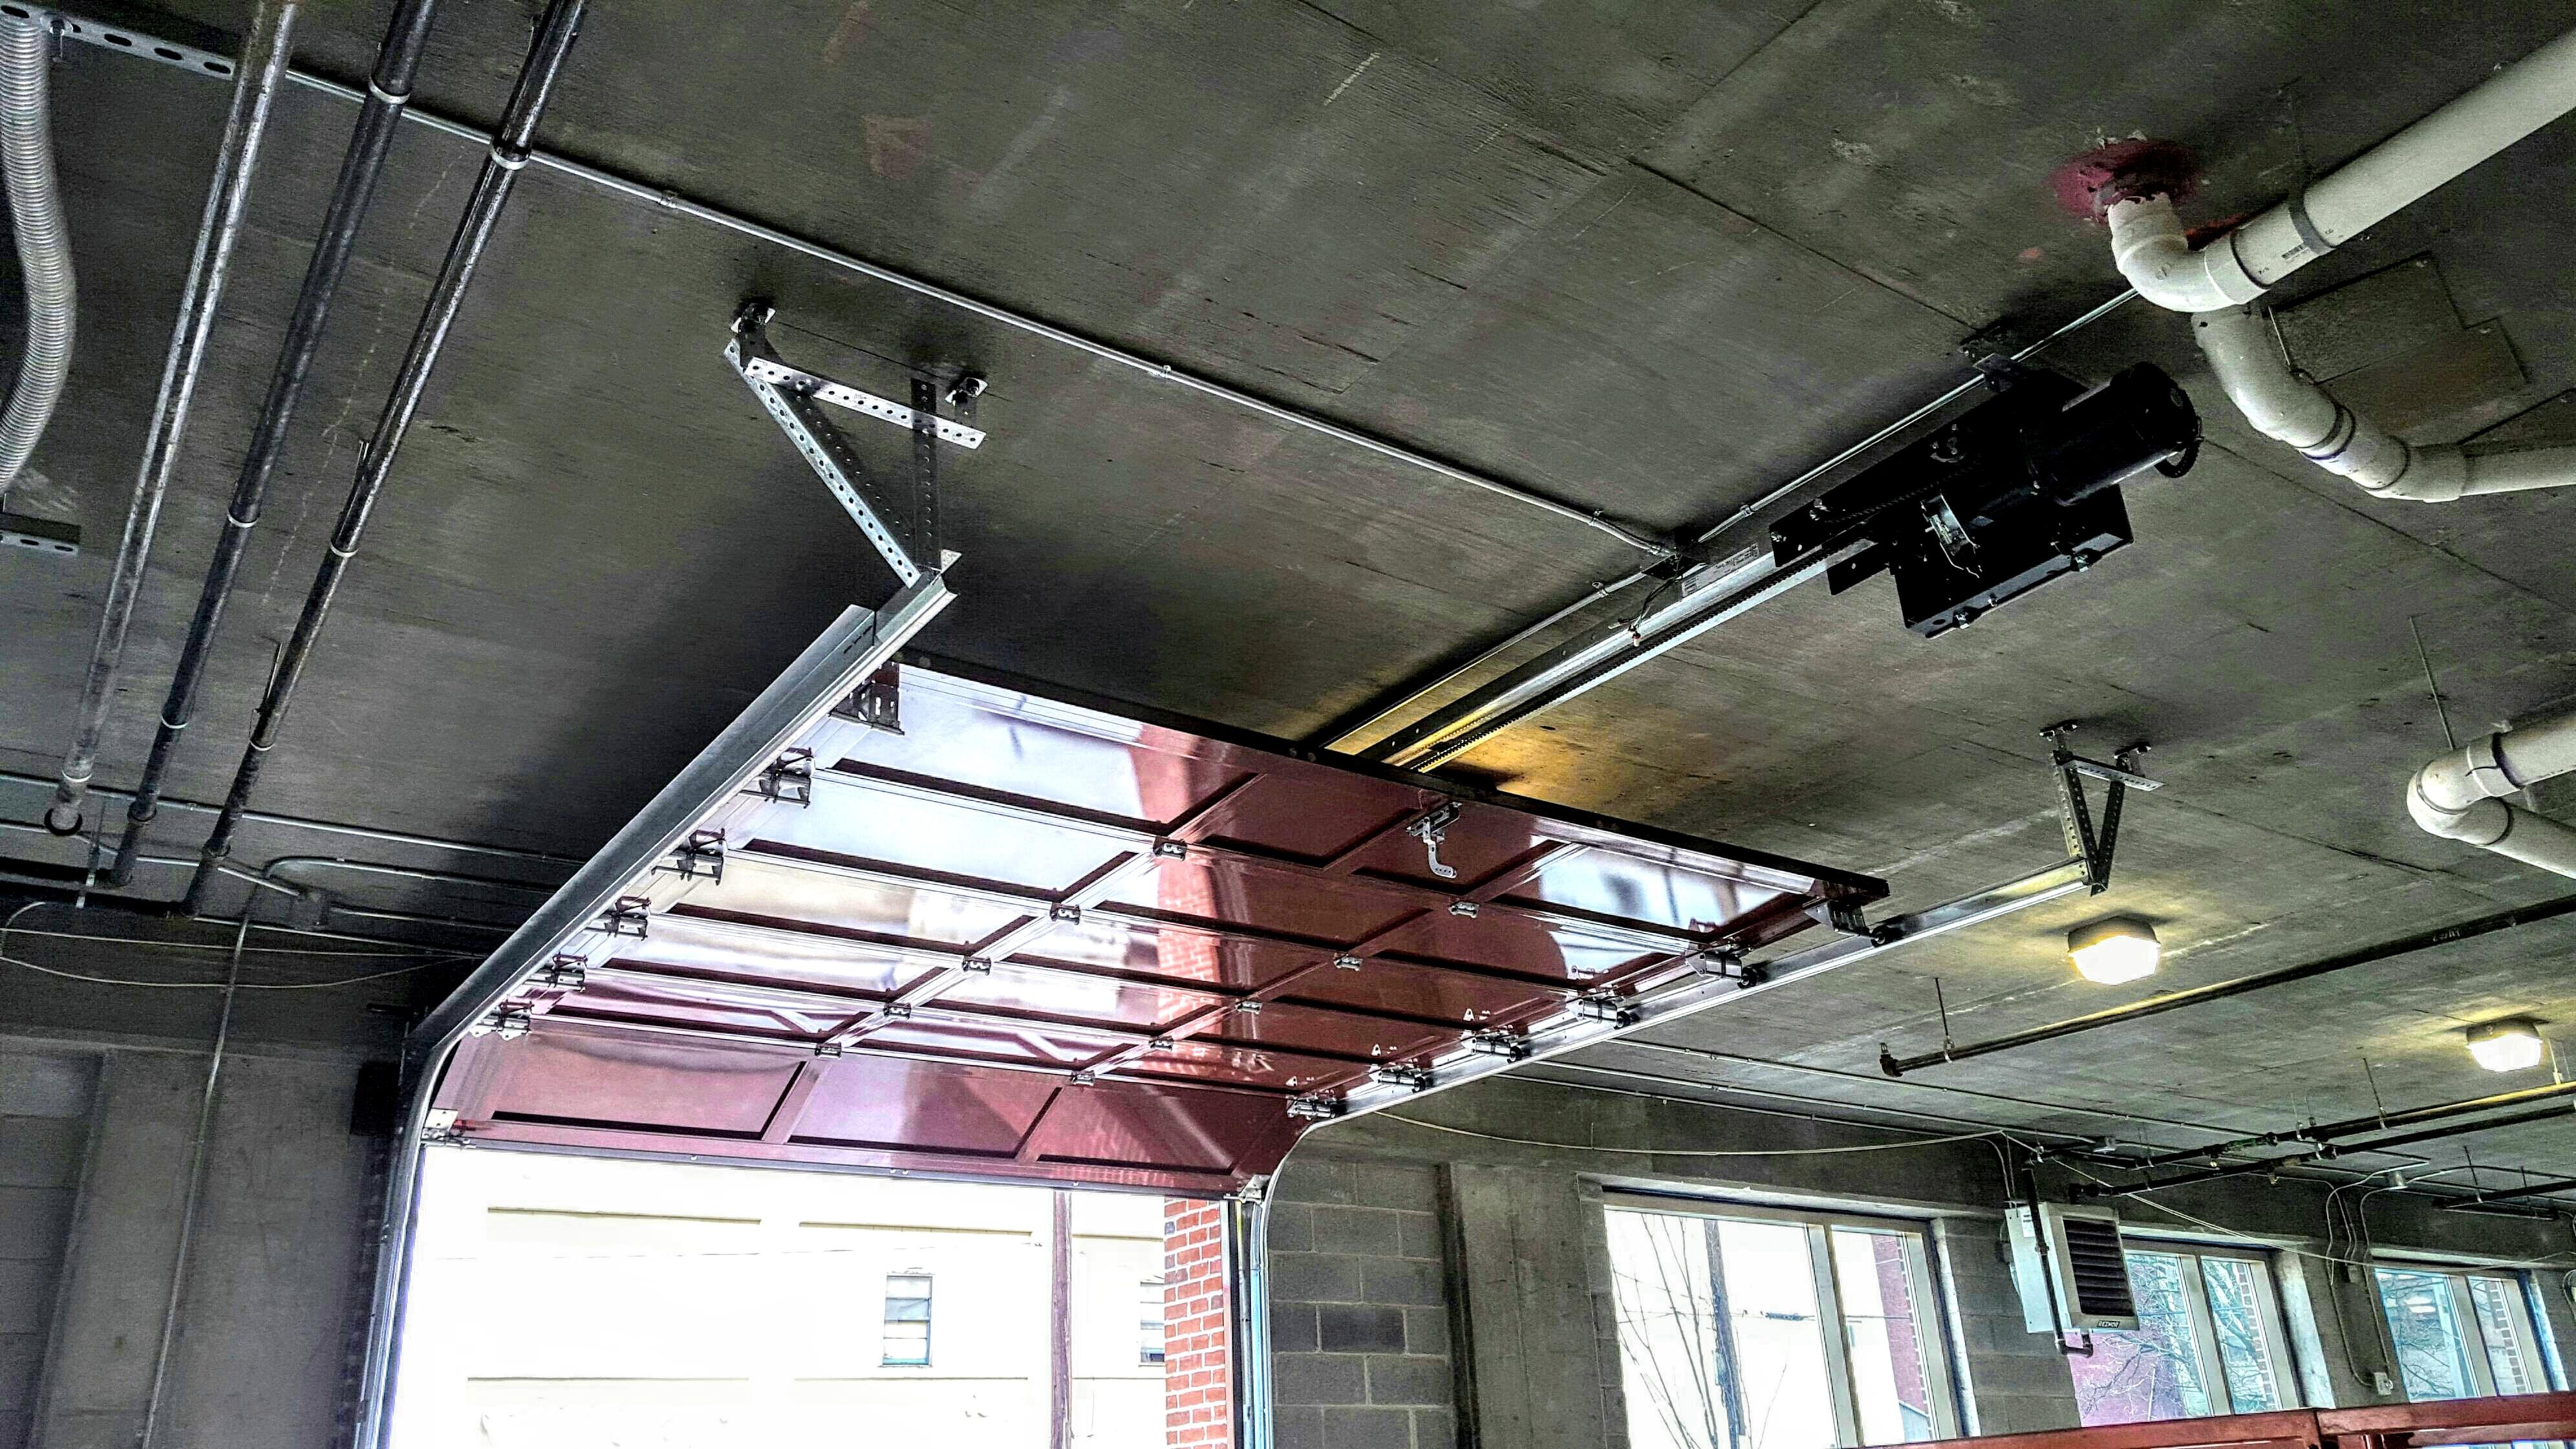 Commercial-Overhead-Garage-Door-Jersey-City-Hoboken-NJ.jpg